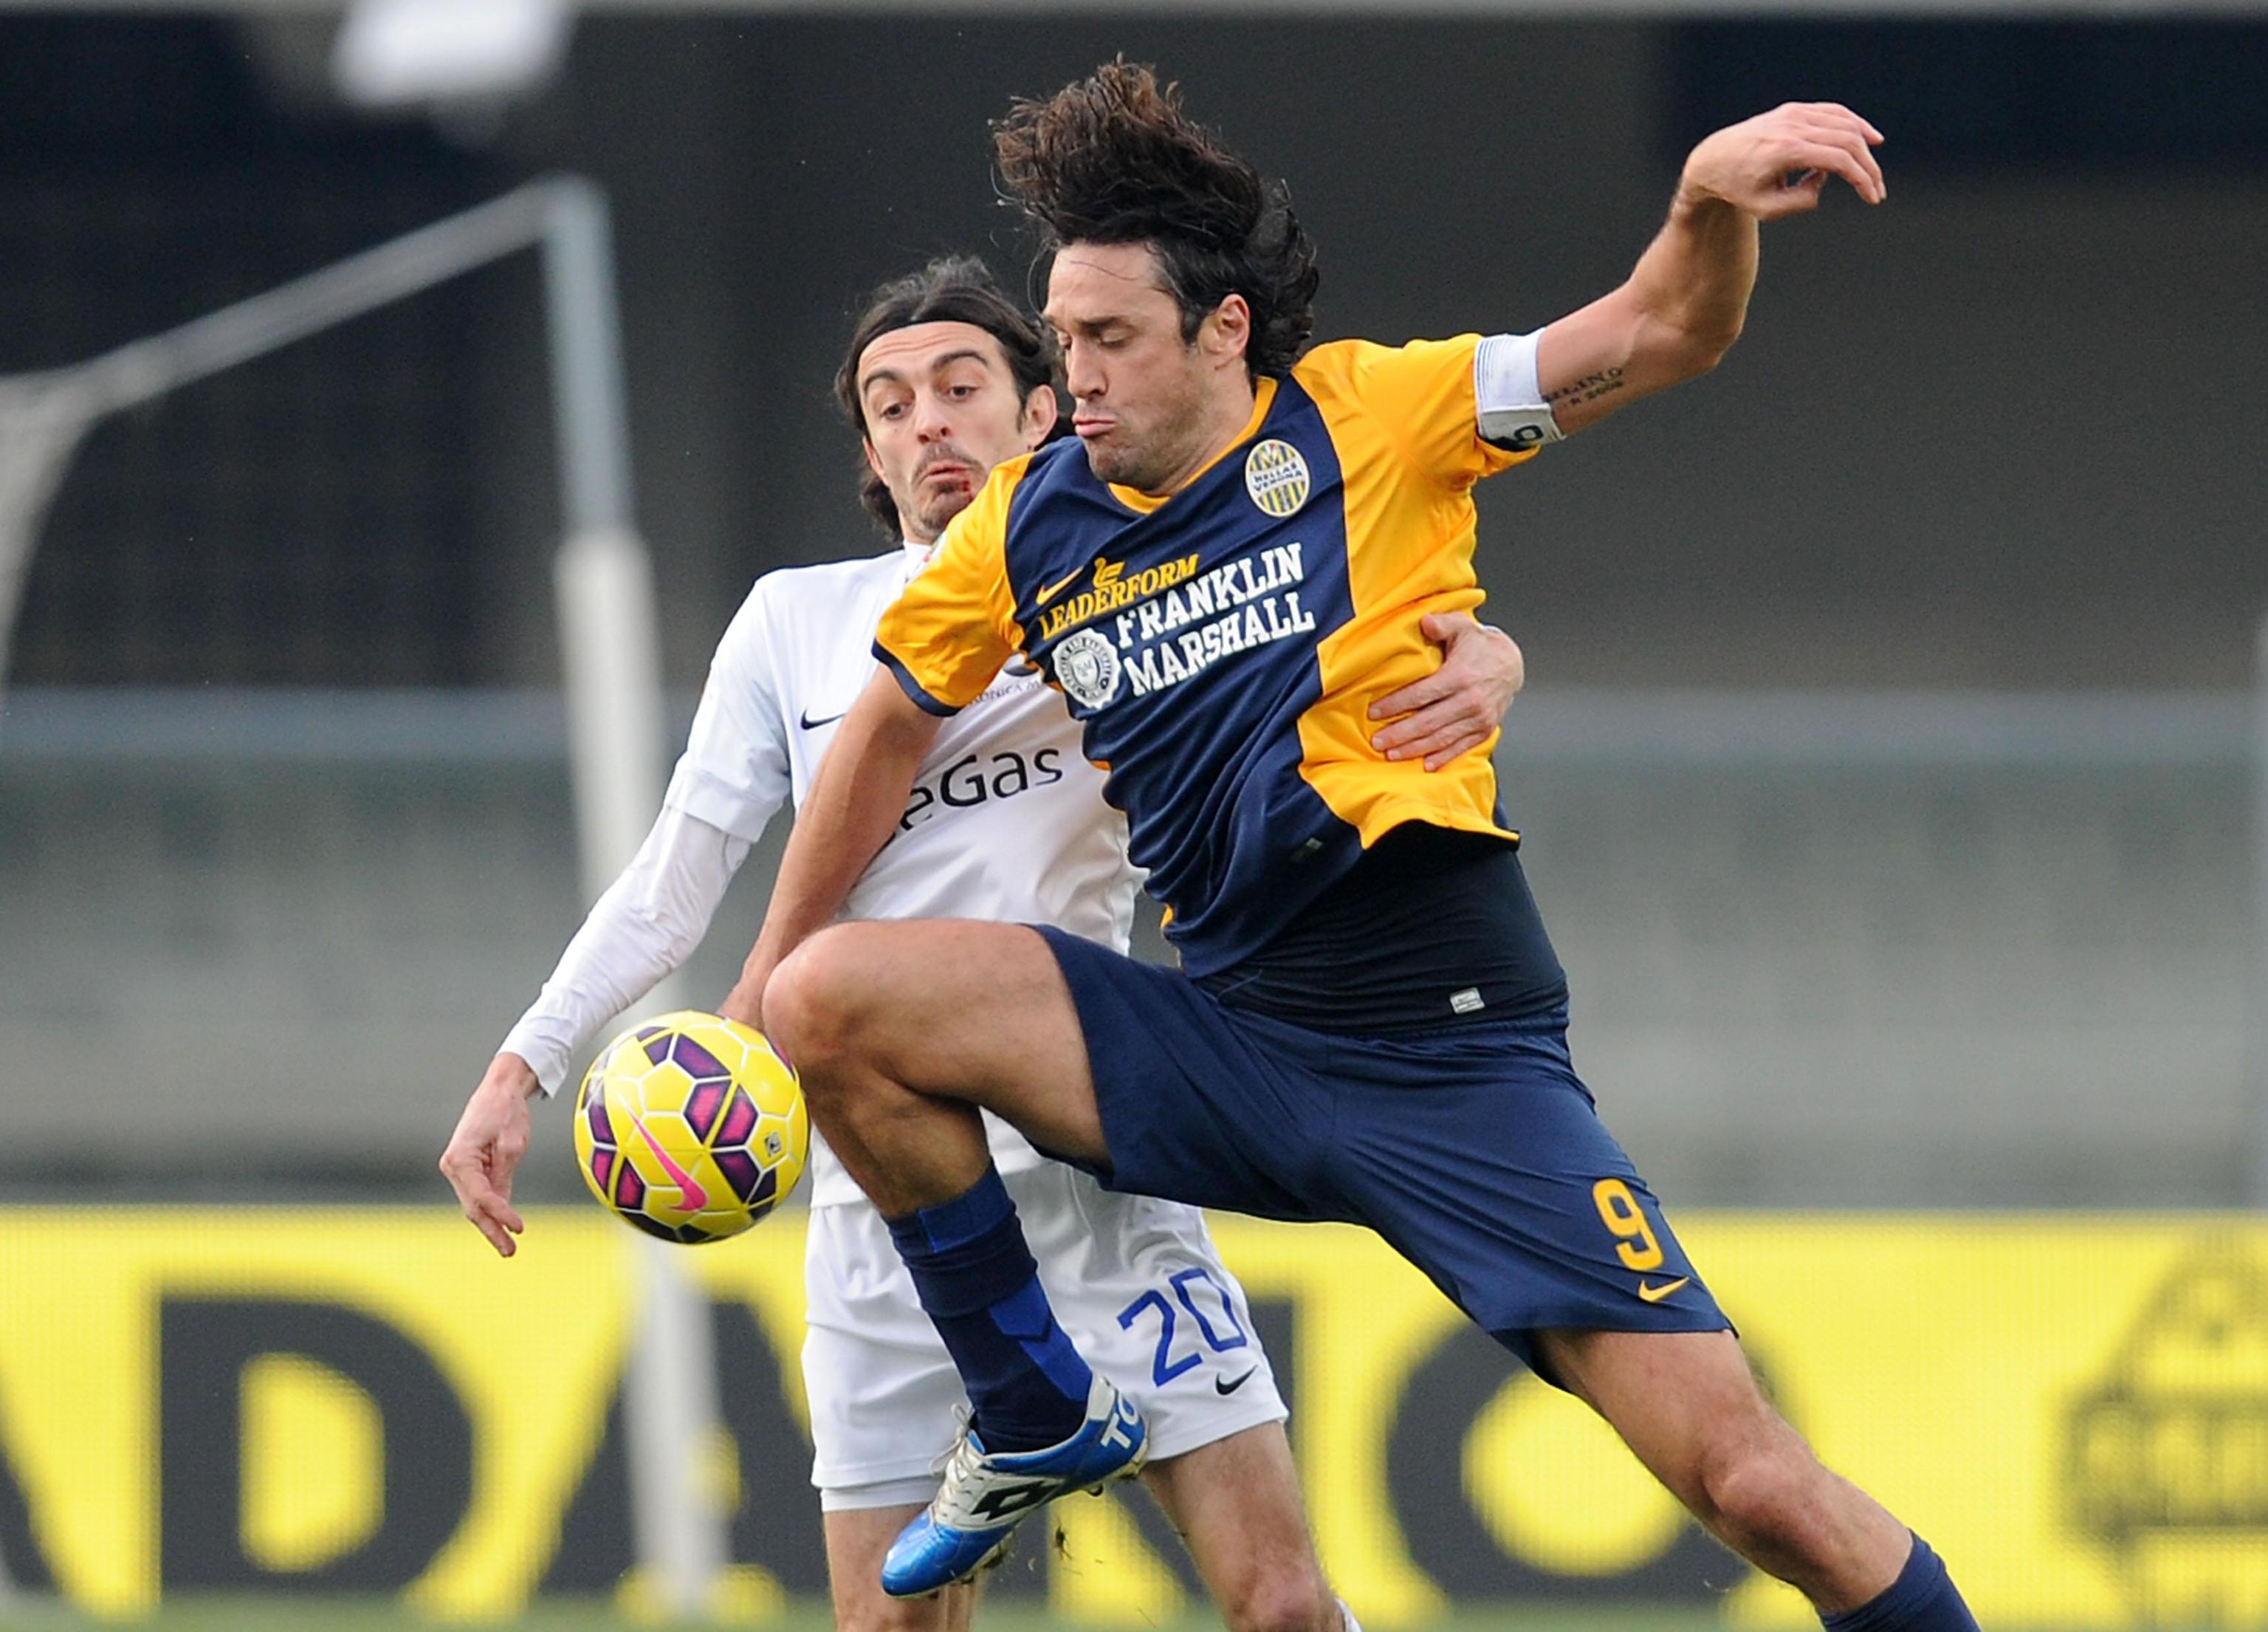 Soccer; Serie A; Verona - Atalanta